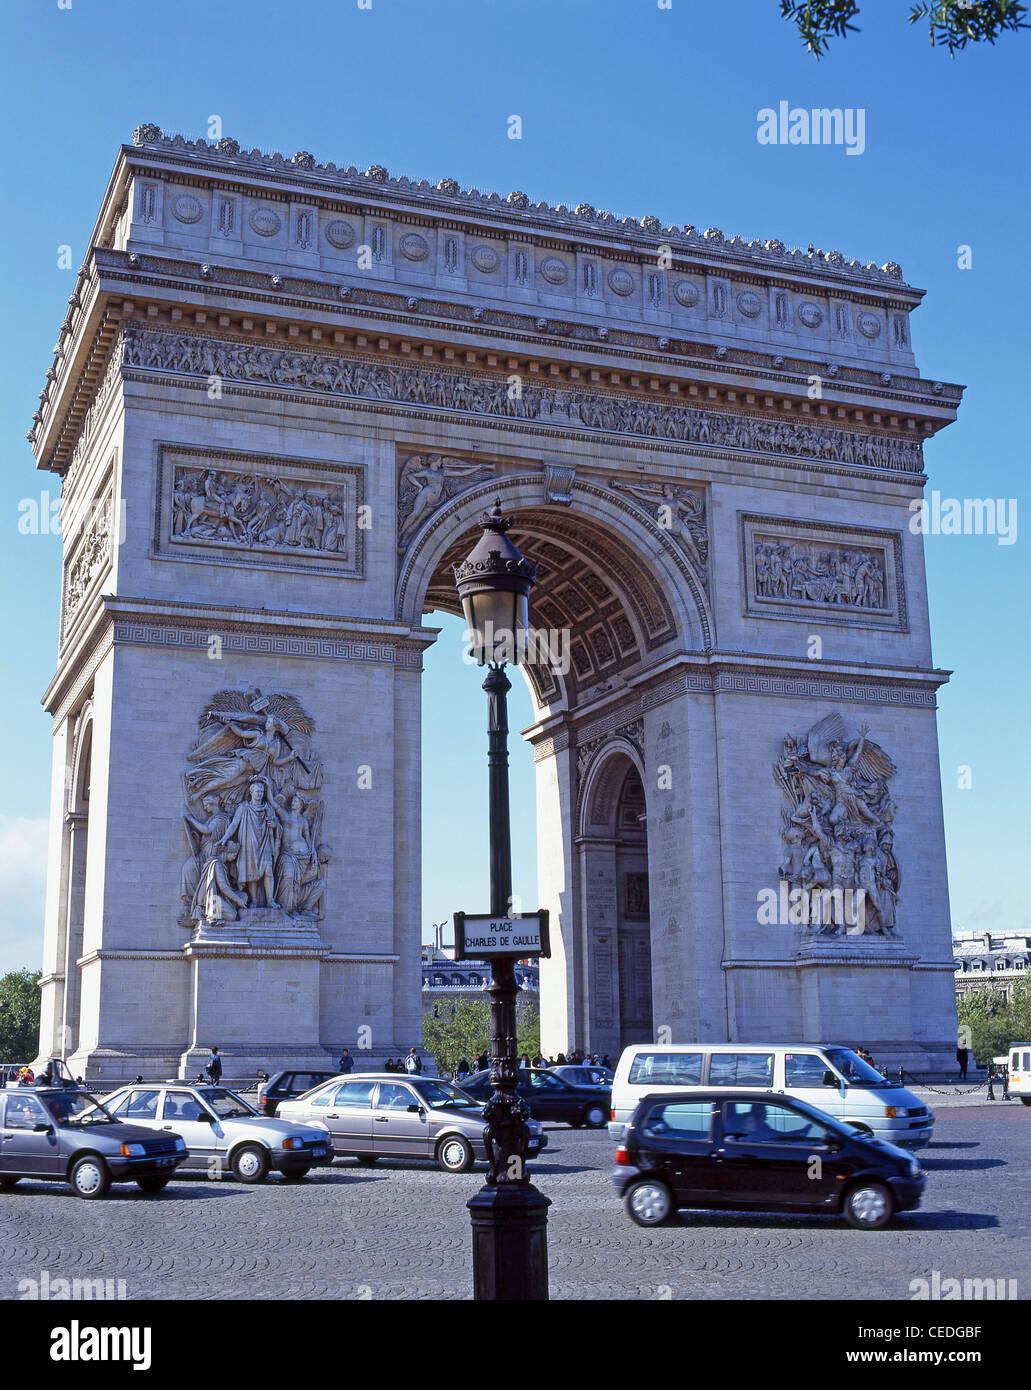 El Arc de Triomphe, Place Charles de Gaulle, París, Île-de-France, Francia Imagen De Stock